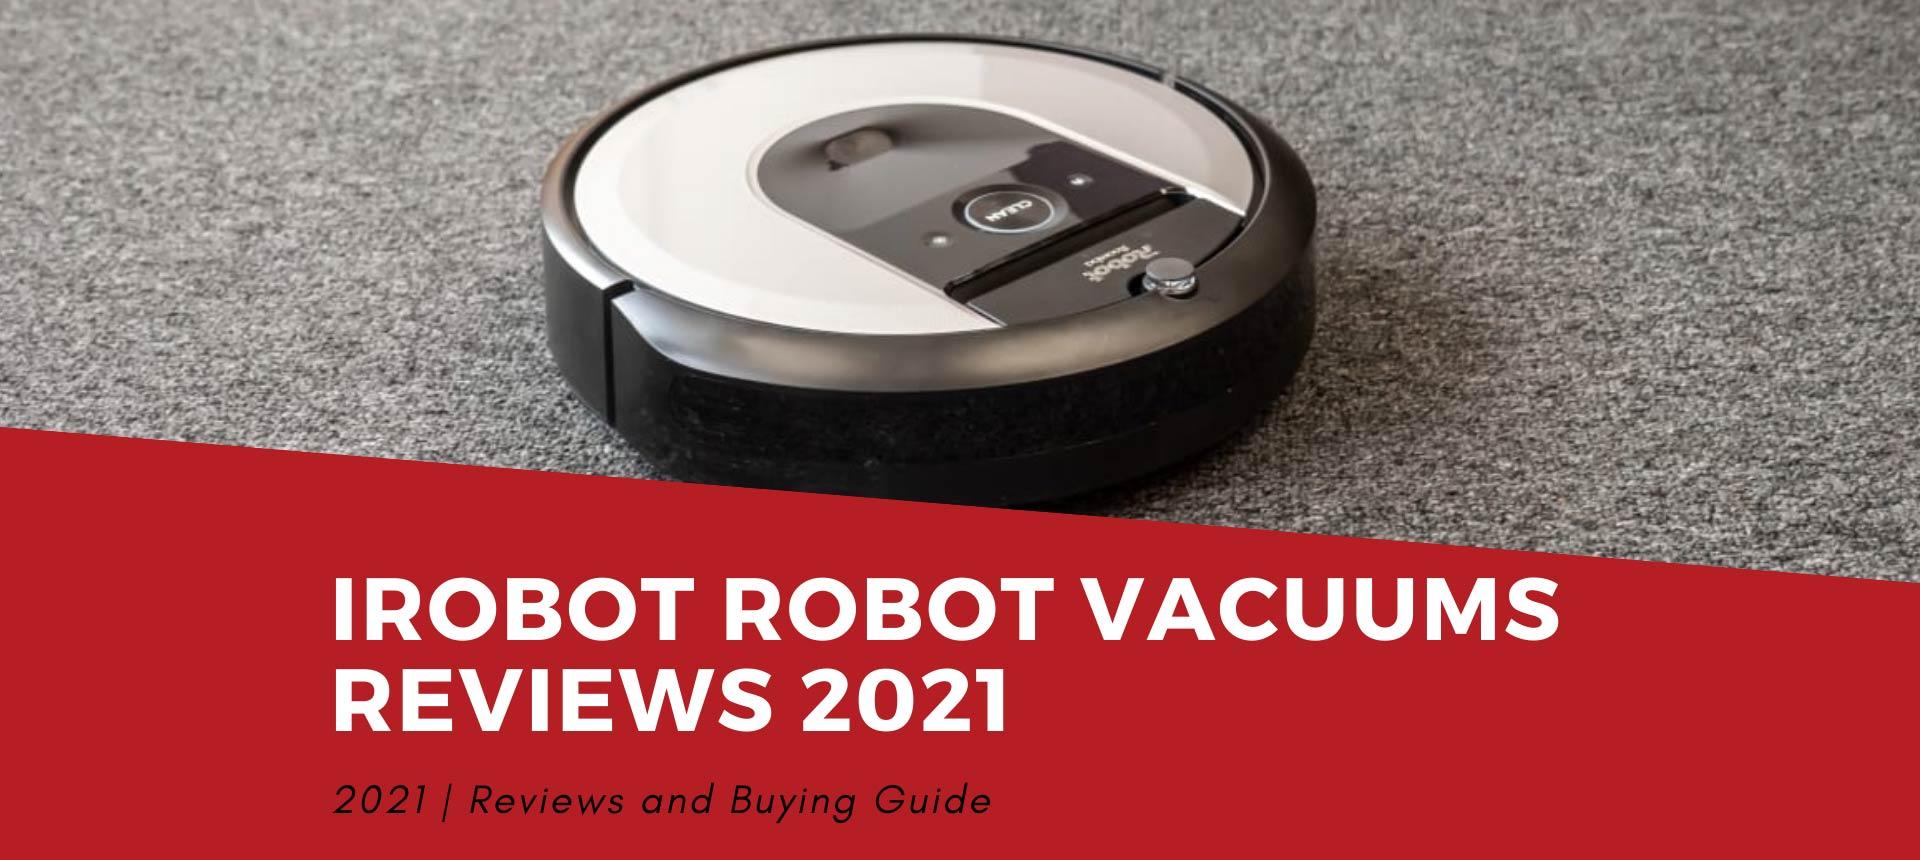 iRobot Robot Vacuums Reviews 2021